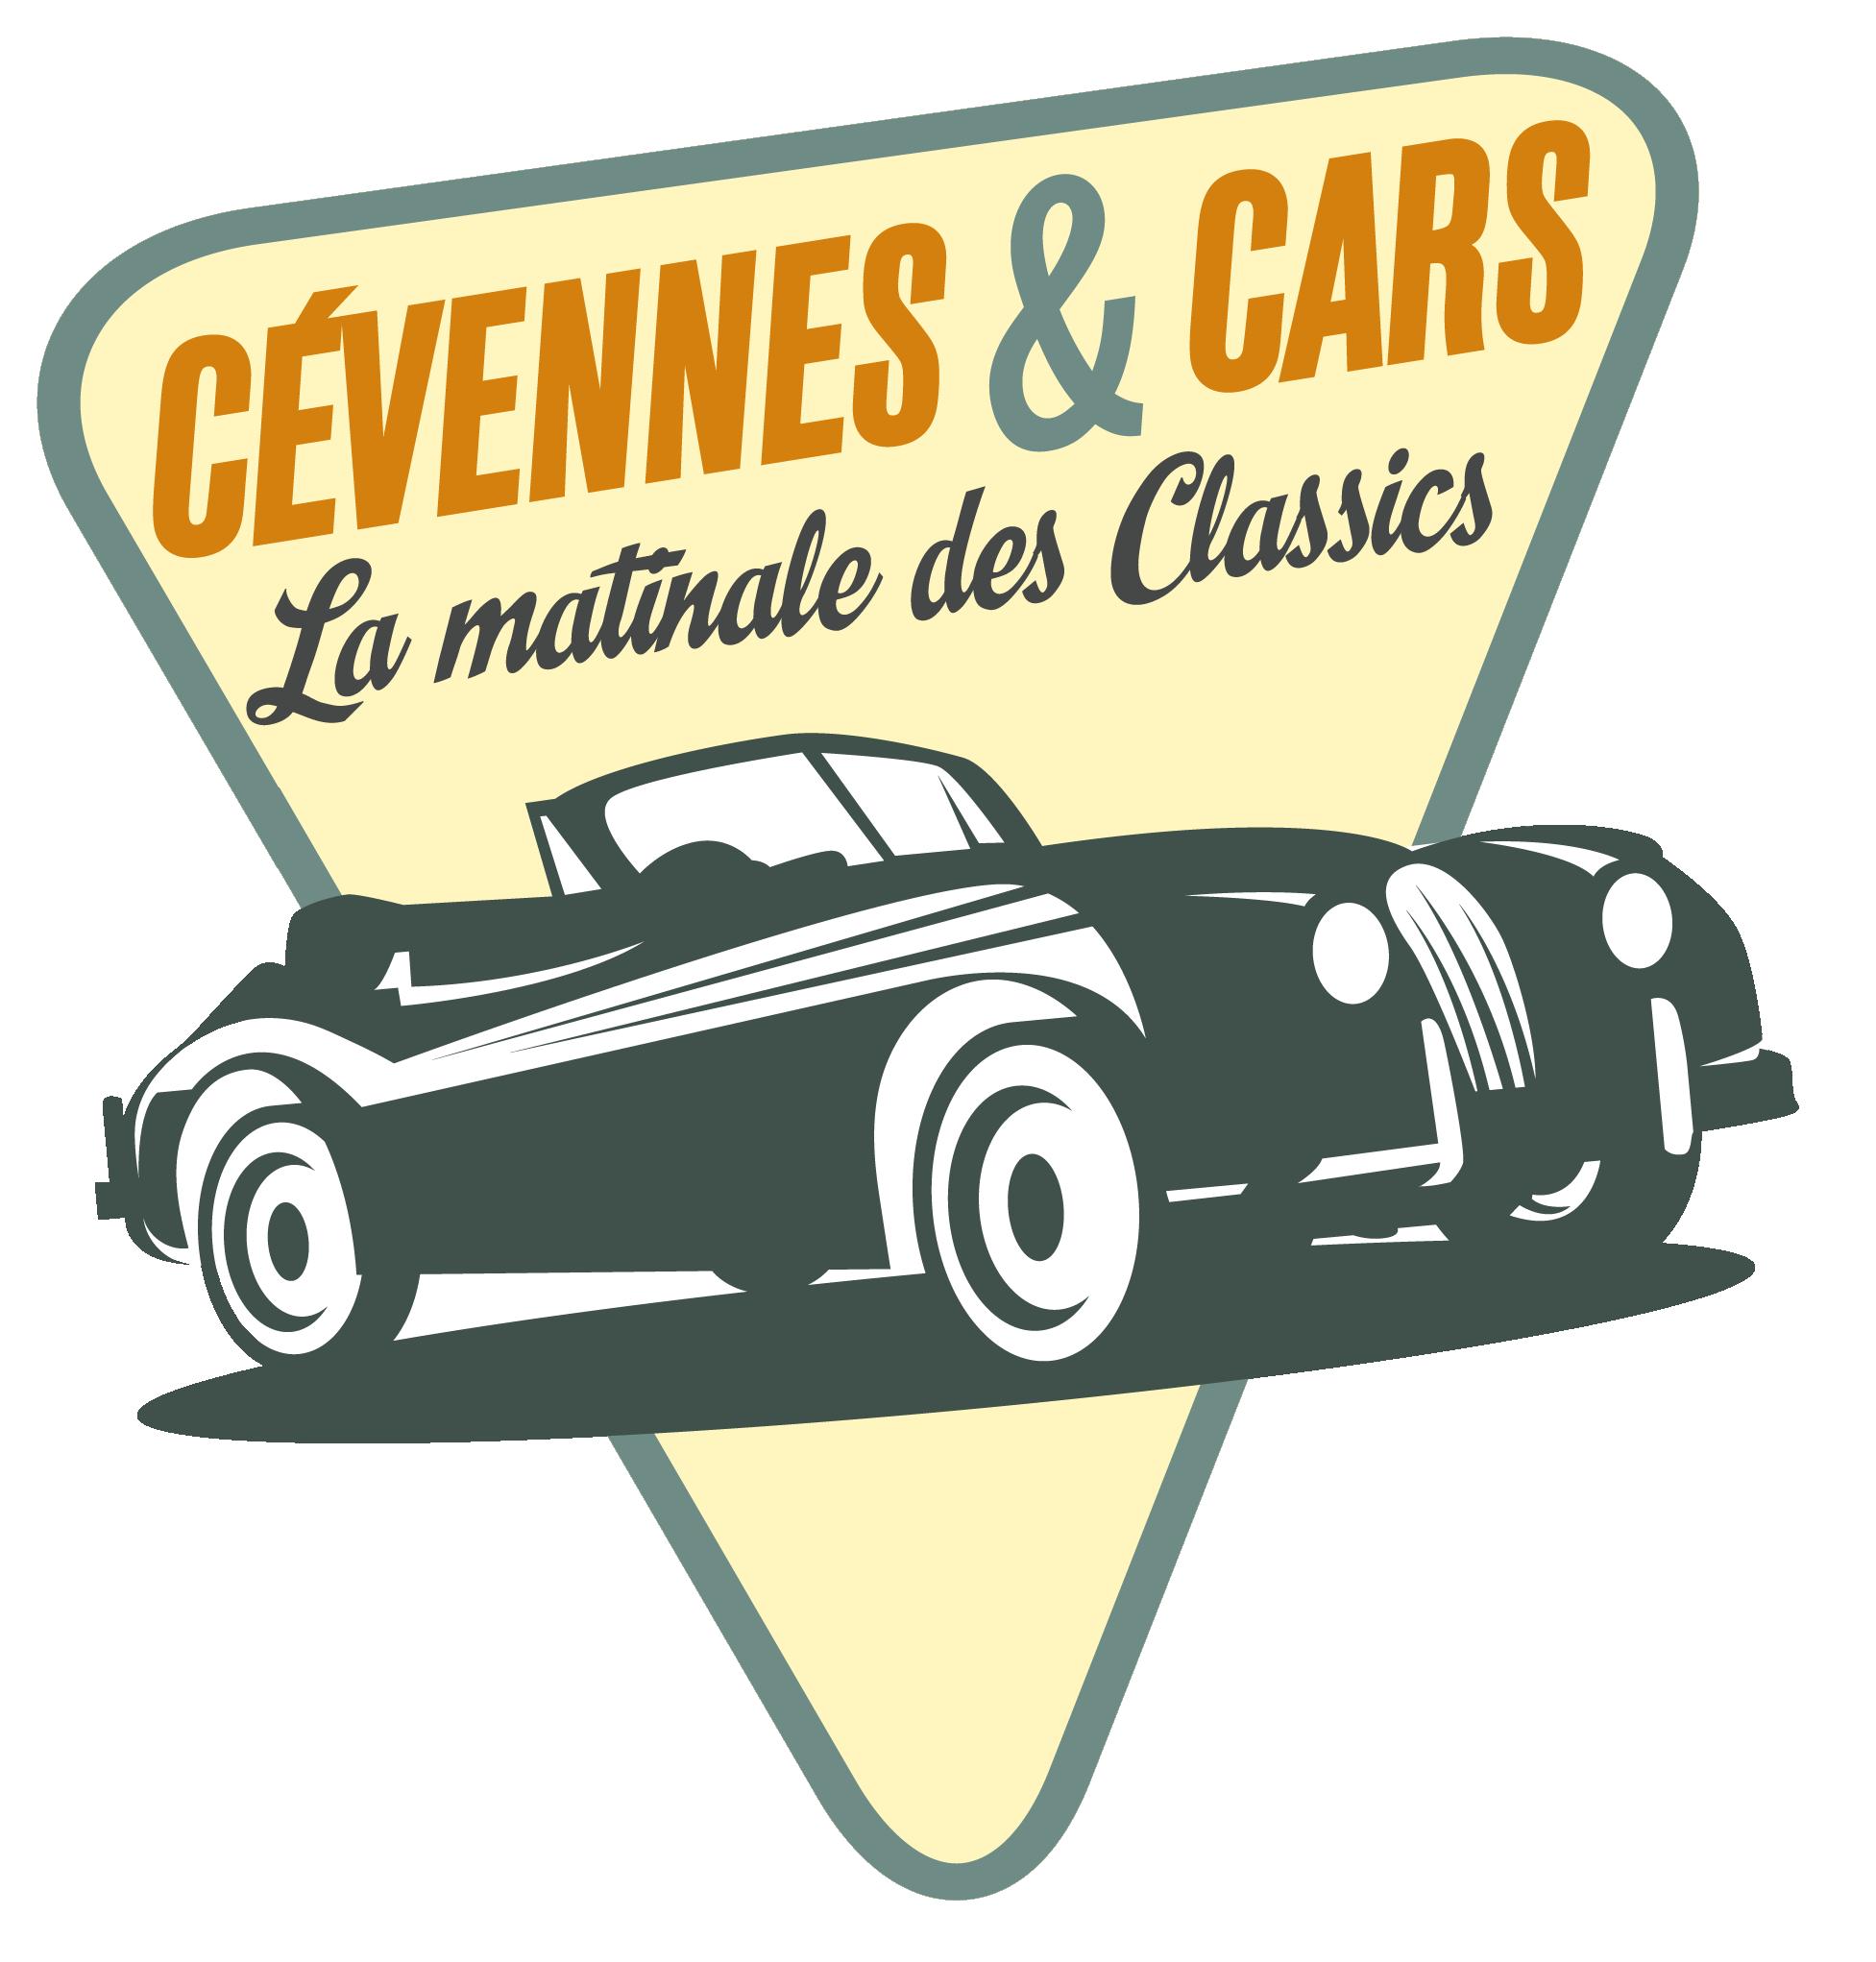 Cévennes & Cars